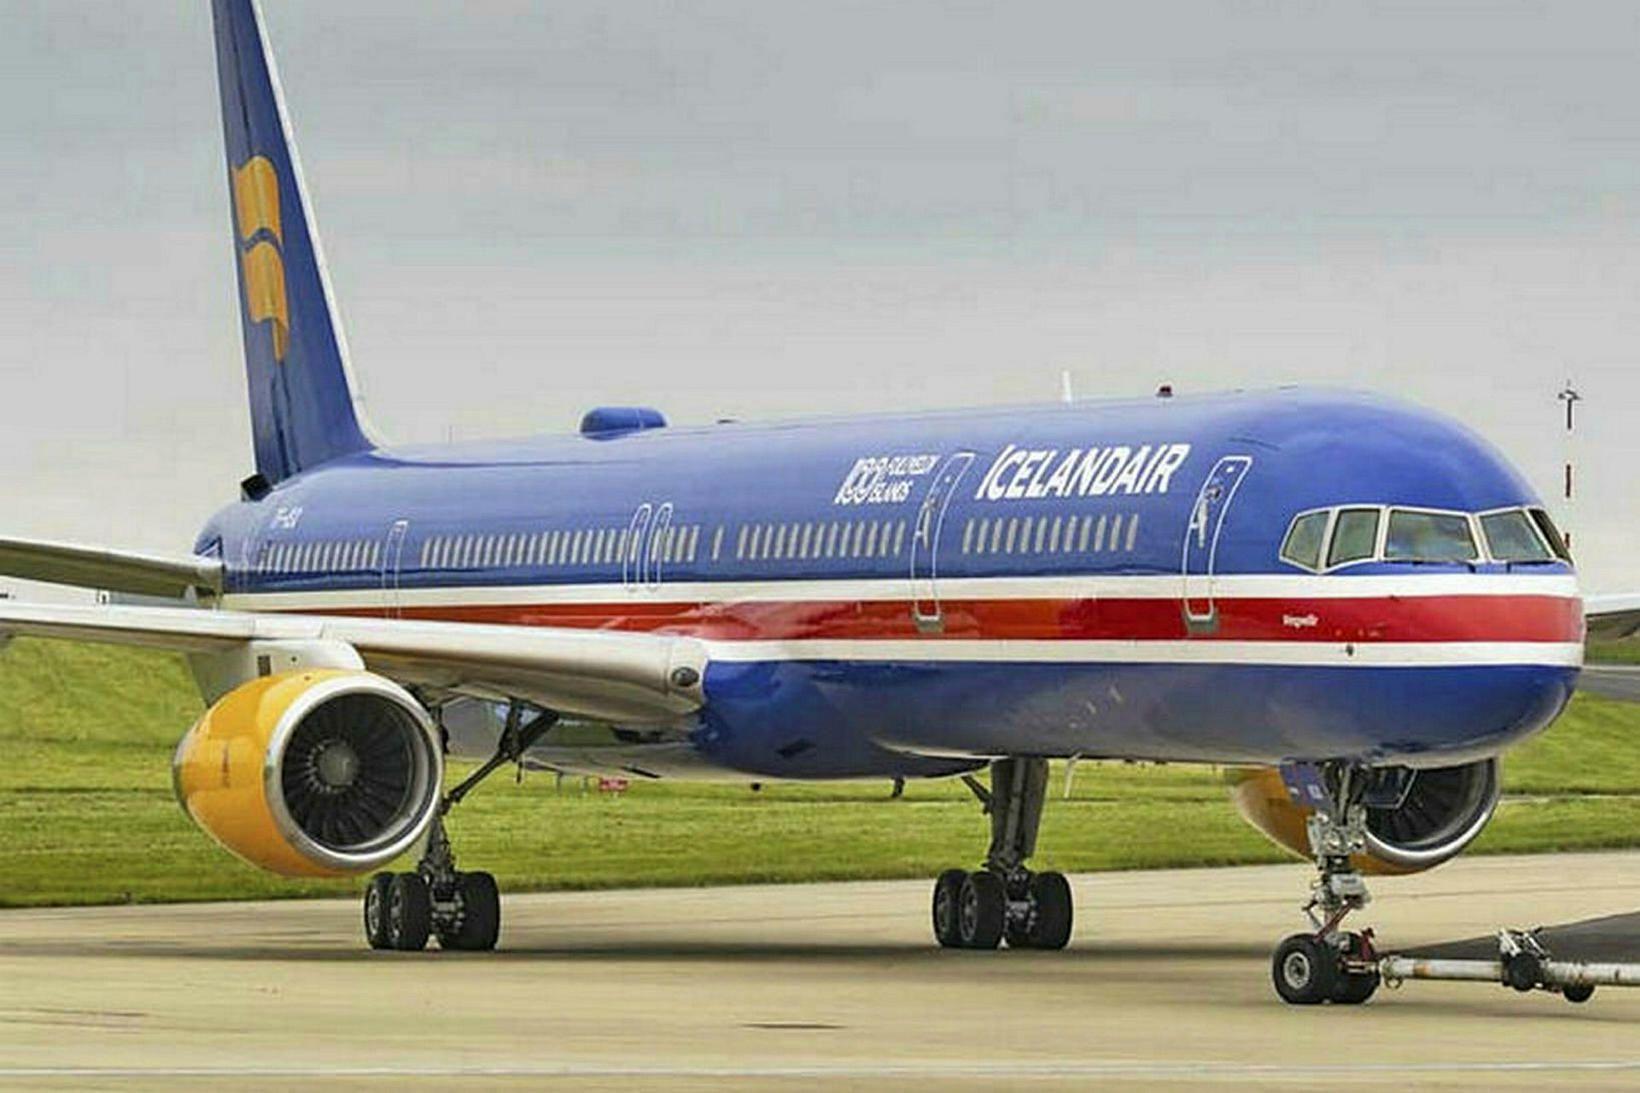 Boeing 757 þoturnar eru komnar til ára sinna og löngu …